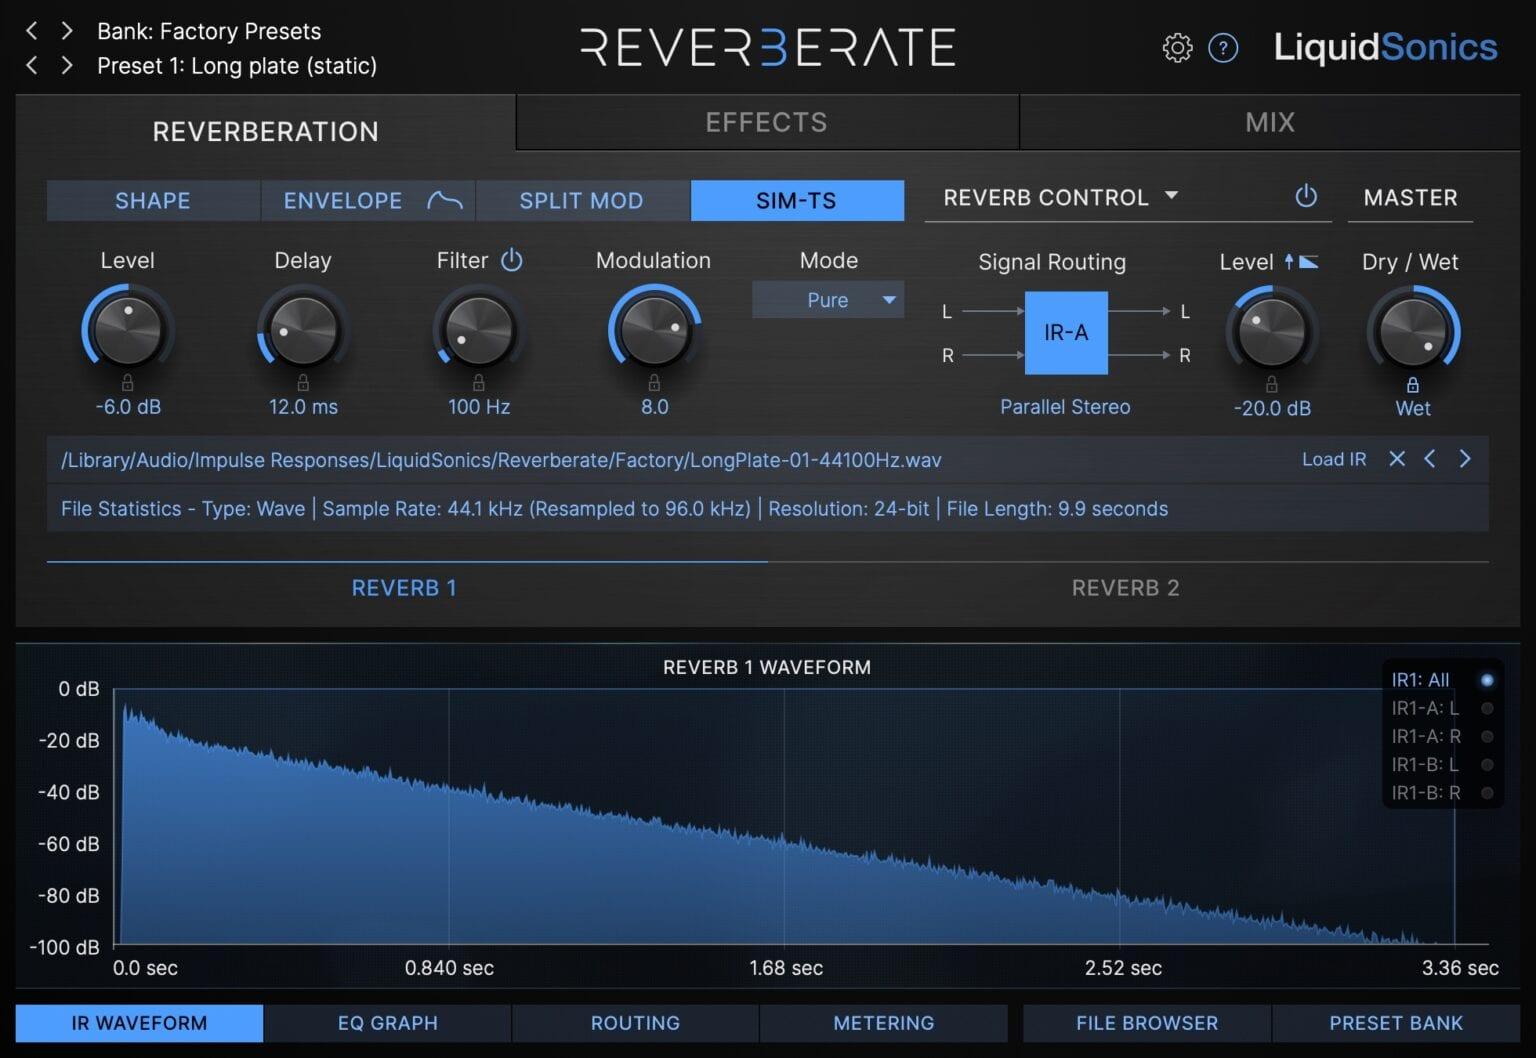 Reverberate 3